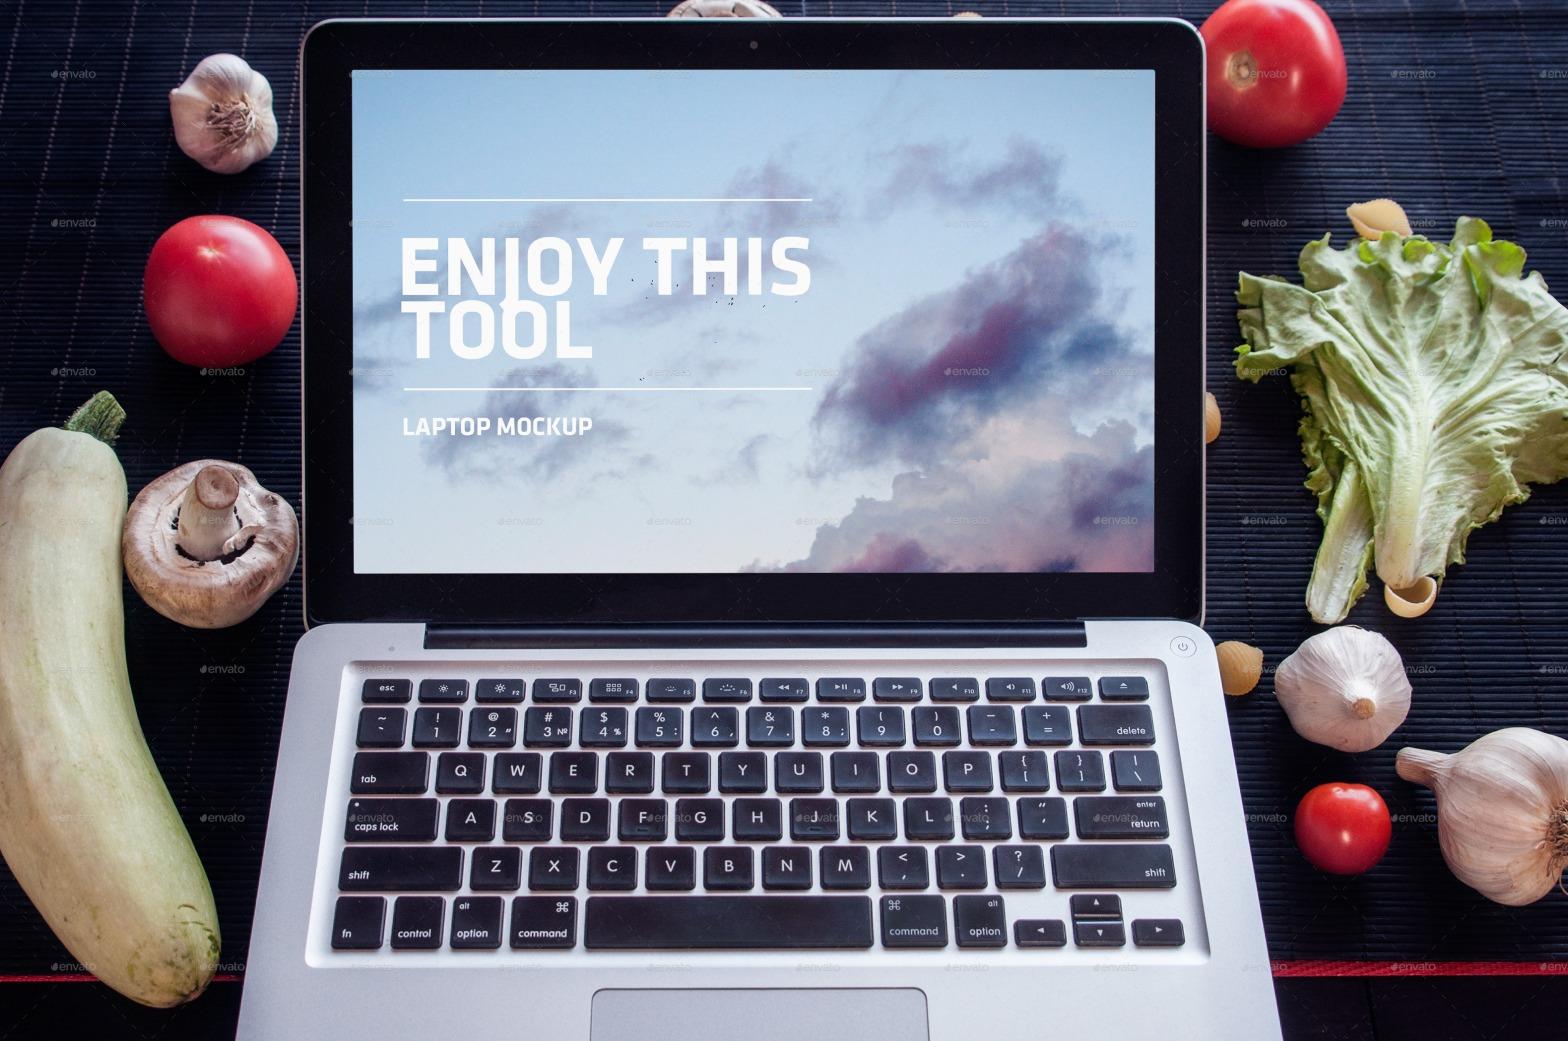 macbook-pro-in-kitchen-receipe